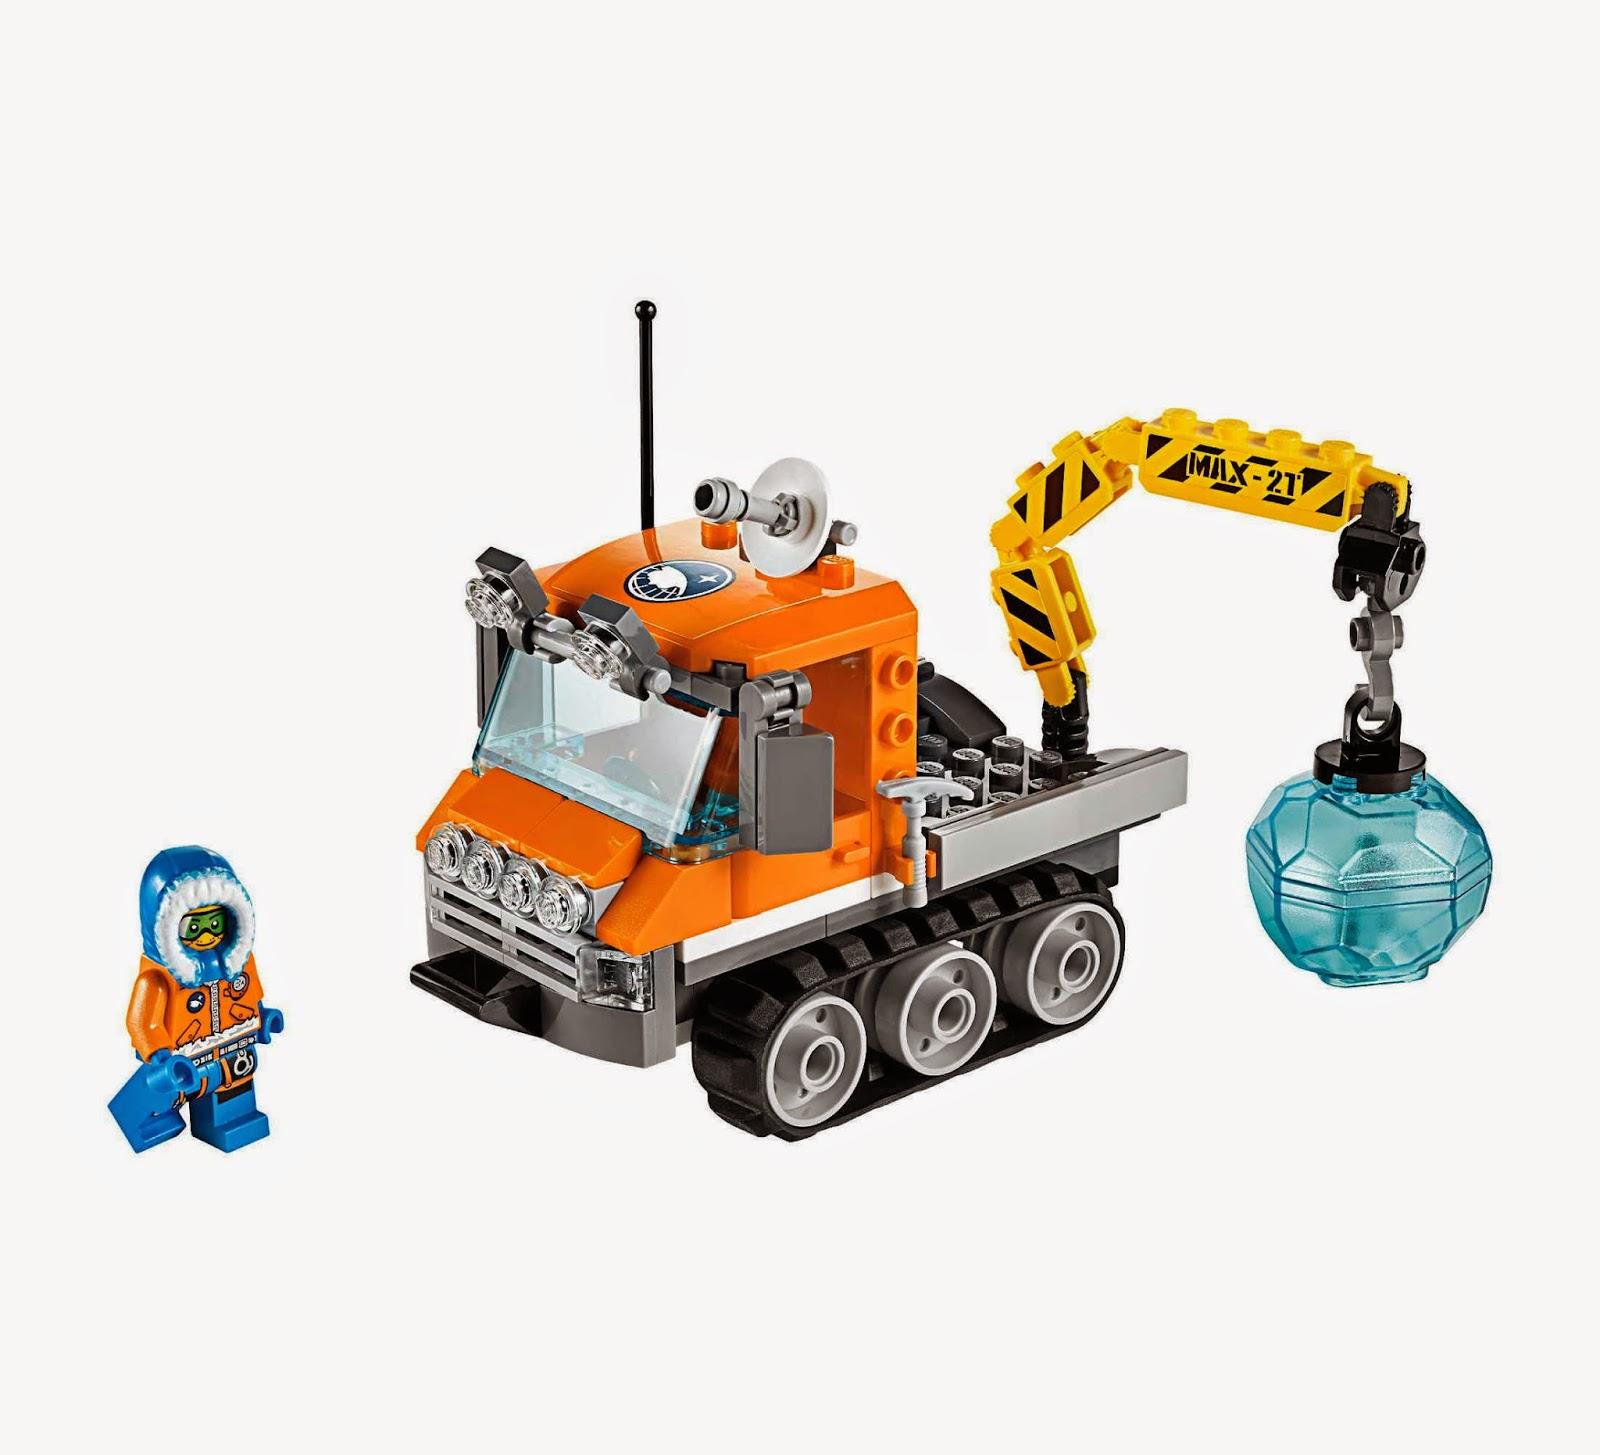 Đồ chơi LEGO 60033 - Xe Chuyên Dụng Bắc Cực